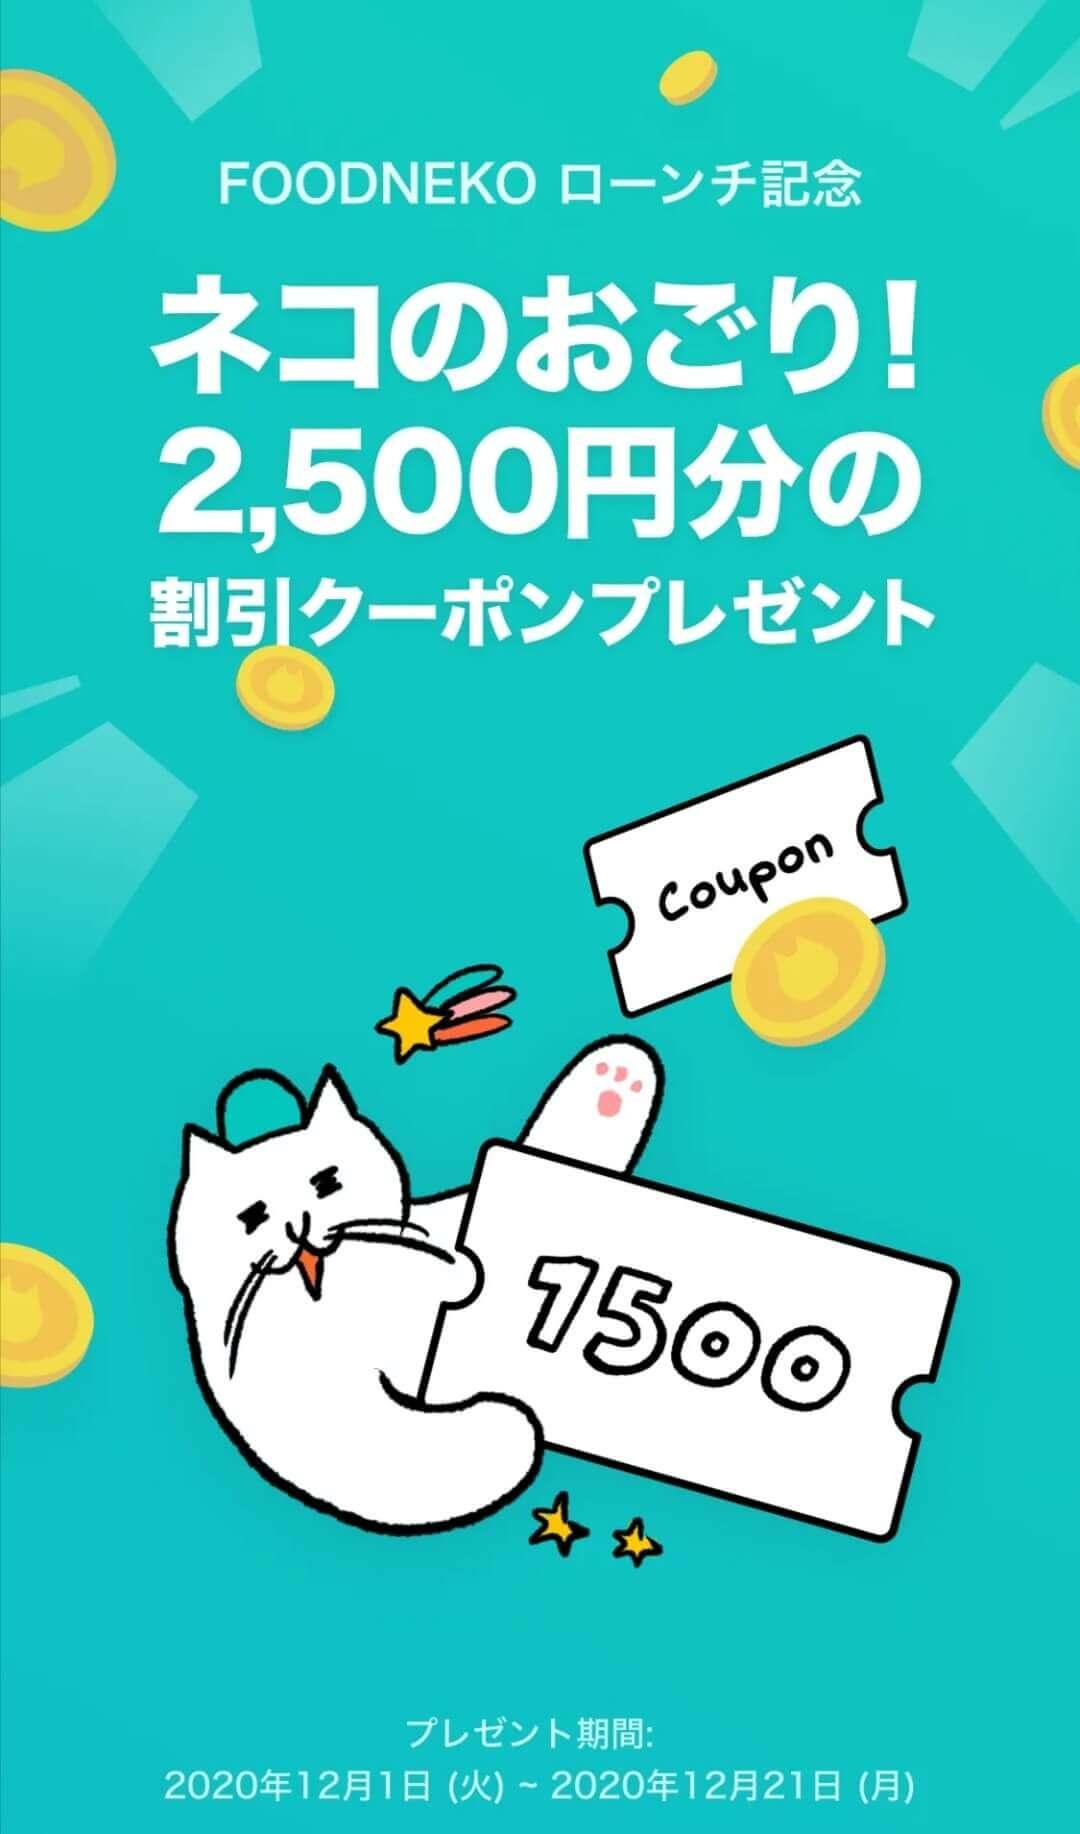 フードネコ(FOODNEKO)初回・2回目割引合計2500円オフクーポンコードプレゼントキャンペーン【12月】